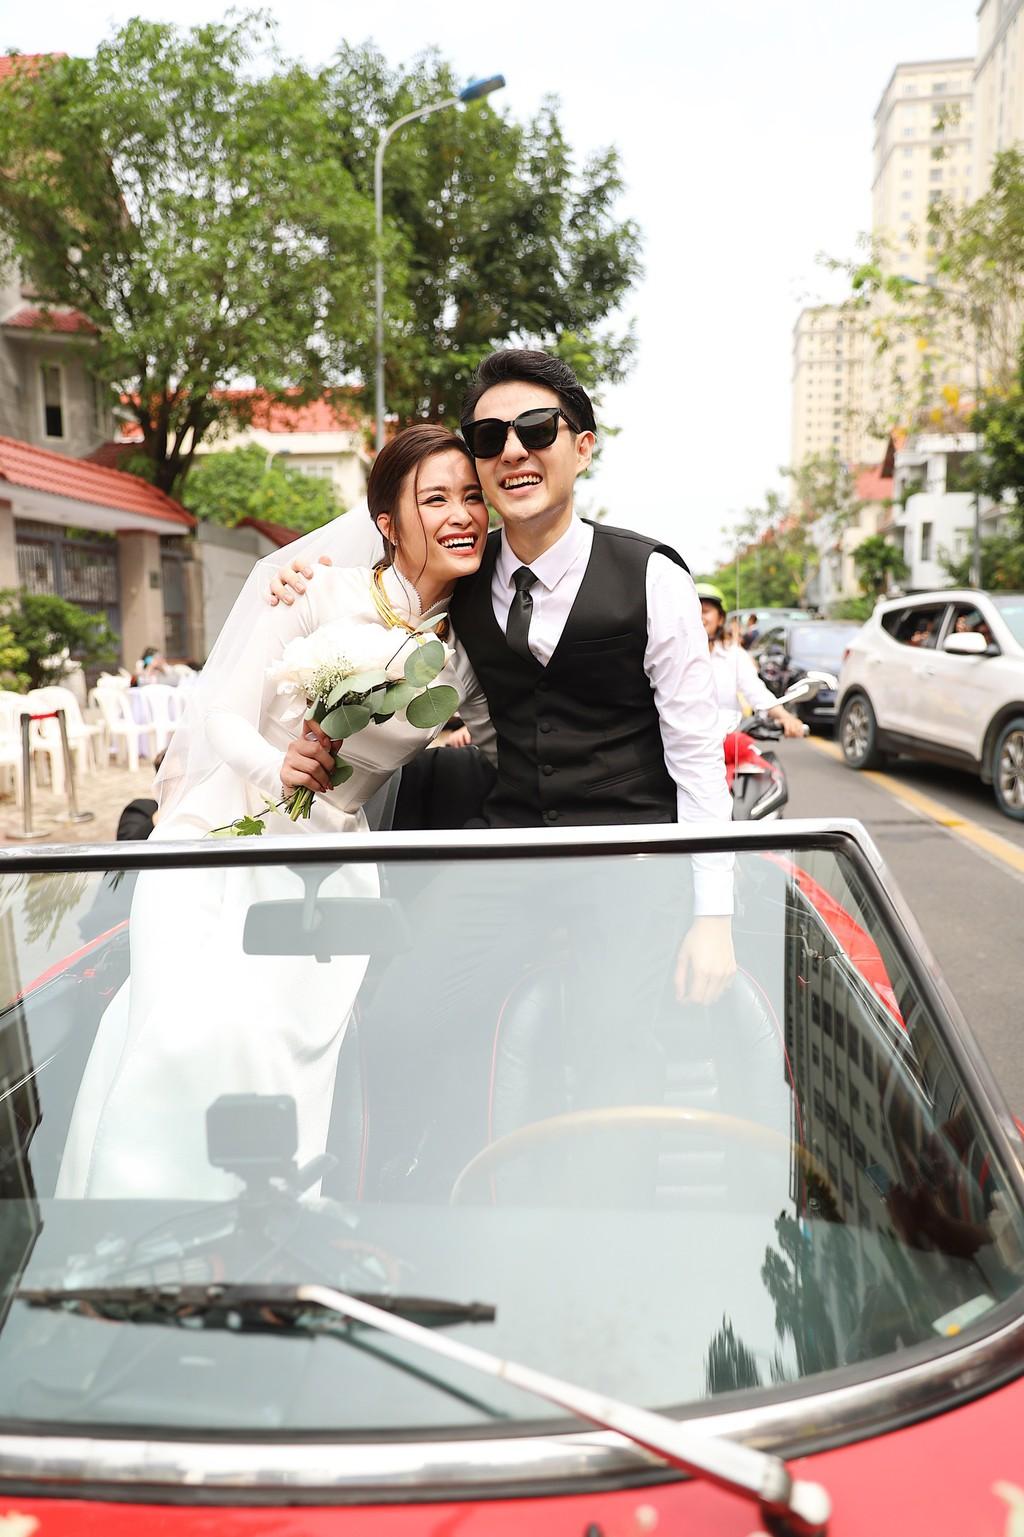 Toàn cảnh đám cưới thế kỷ Đông Nhi - Ông Cao Thắng: Cô dâu chú rể rạng rỡ, trao nhau nụ hôn thắm thiết - Ảnh 6